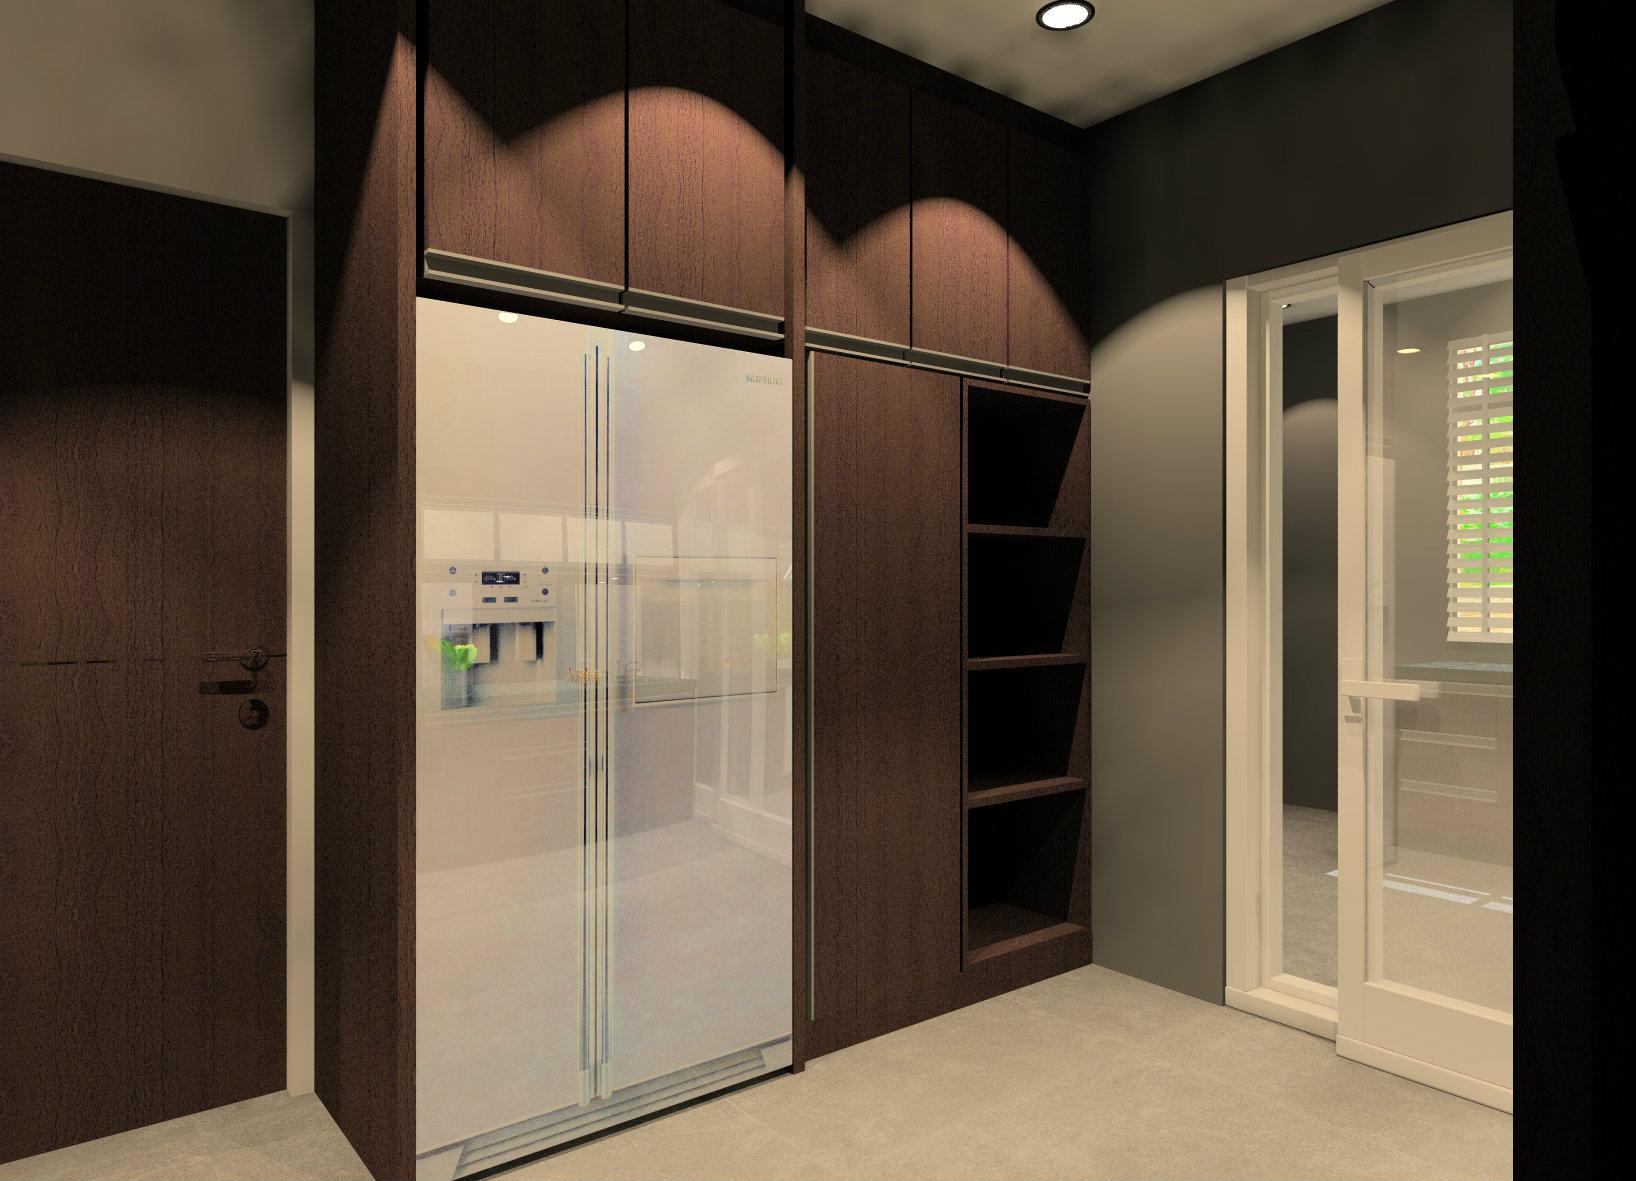 Malaysia Interior Design Company Interior Home Decoration Beans Show House Interior Design